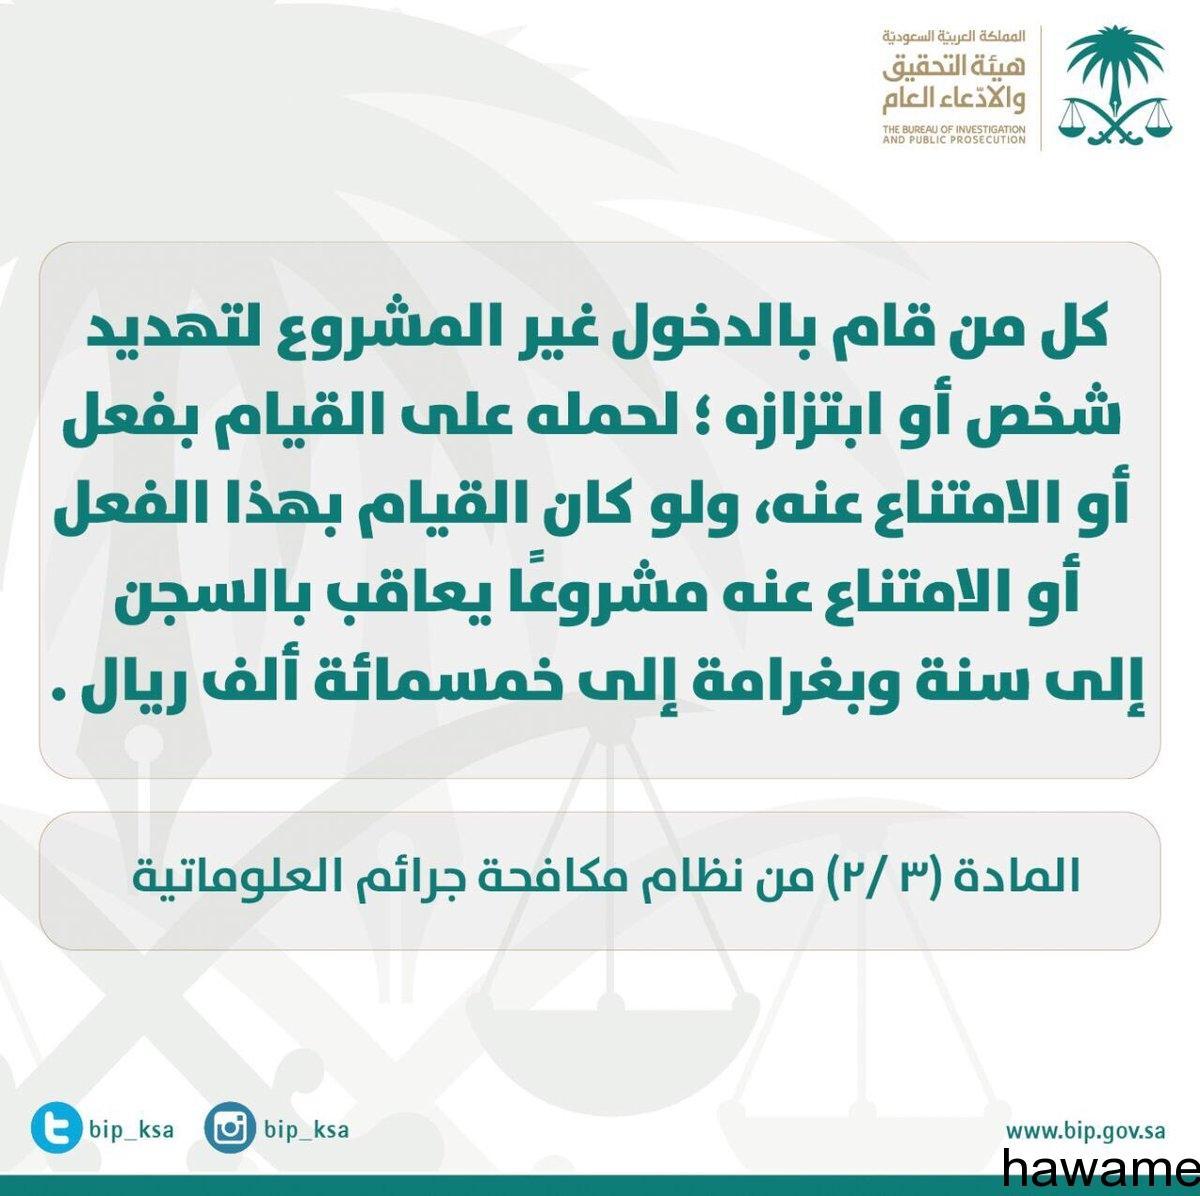 رد: !!!! دعاوى جزائية ضد مثيري نعرات الكراهية والطائفية والمذهبية!!!!